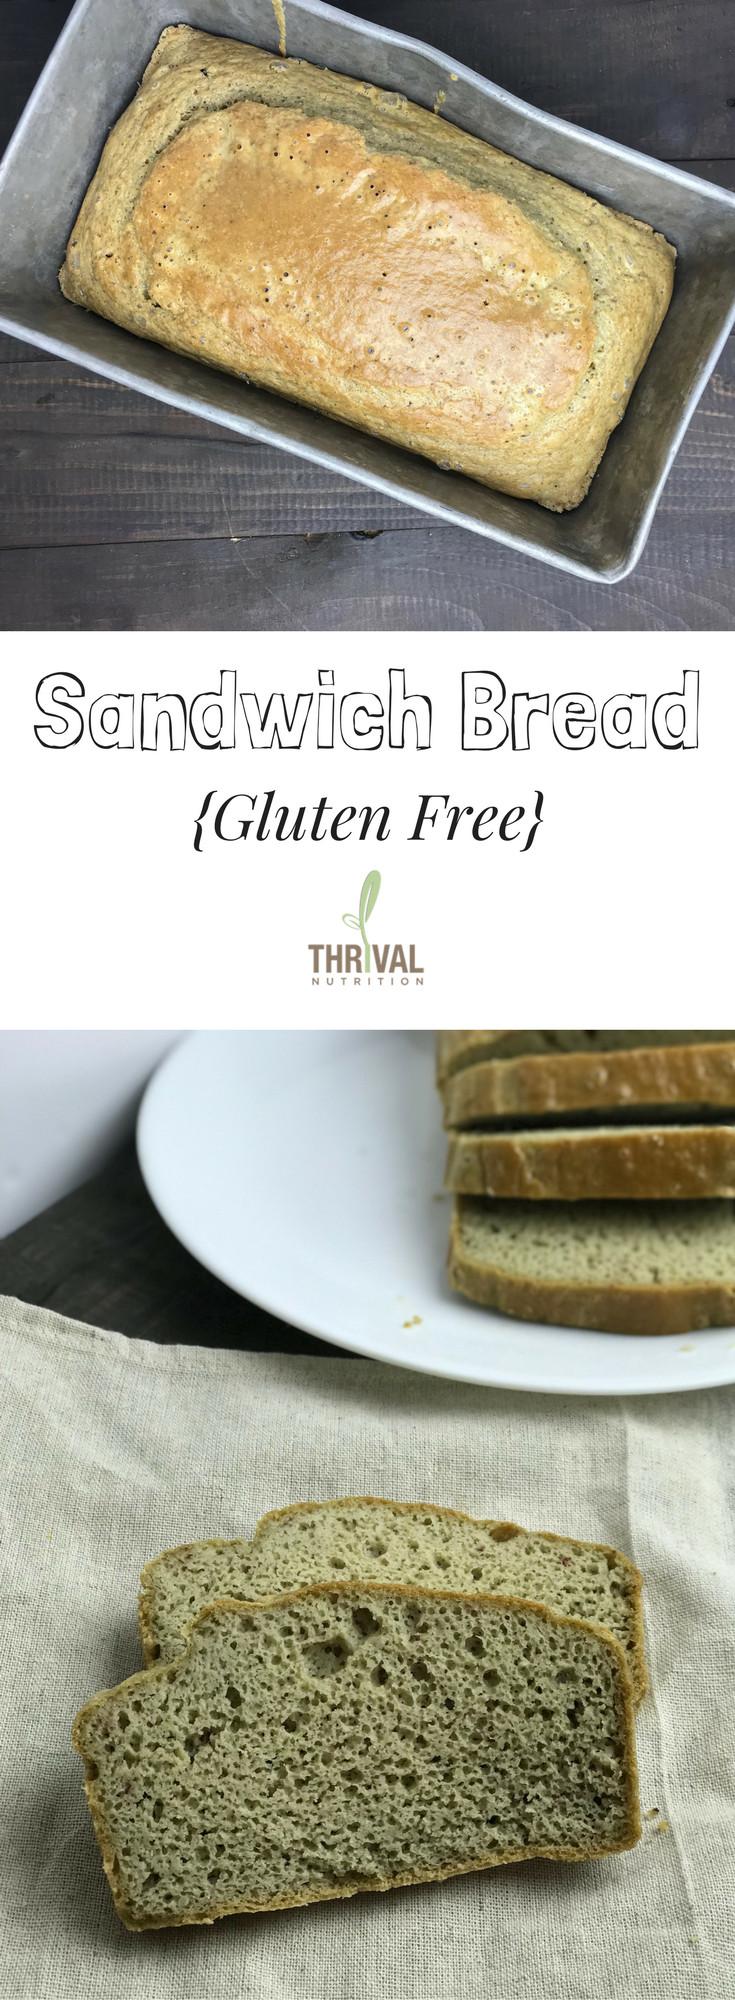 Gluten Free Bread Options  Gluten Free Sandwich Bread Thrival Nutrition